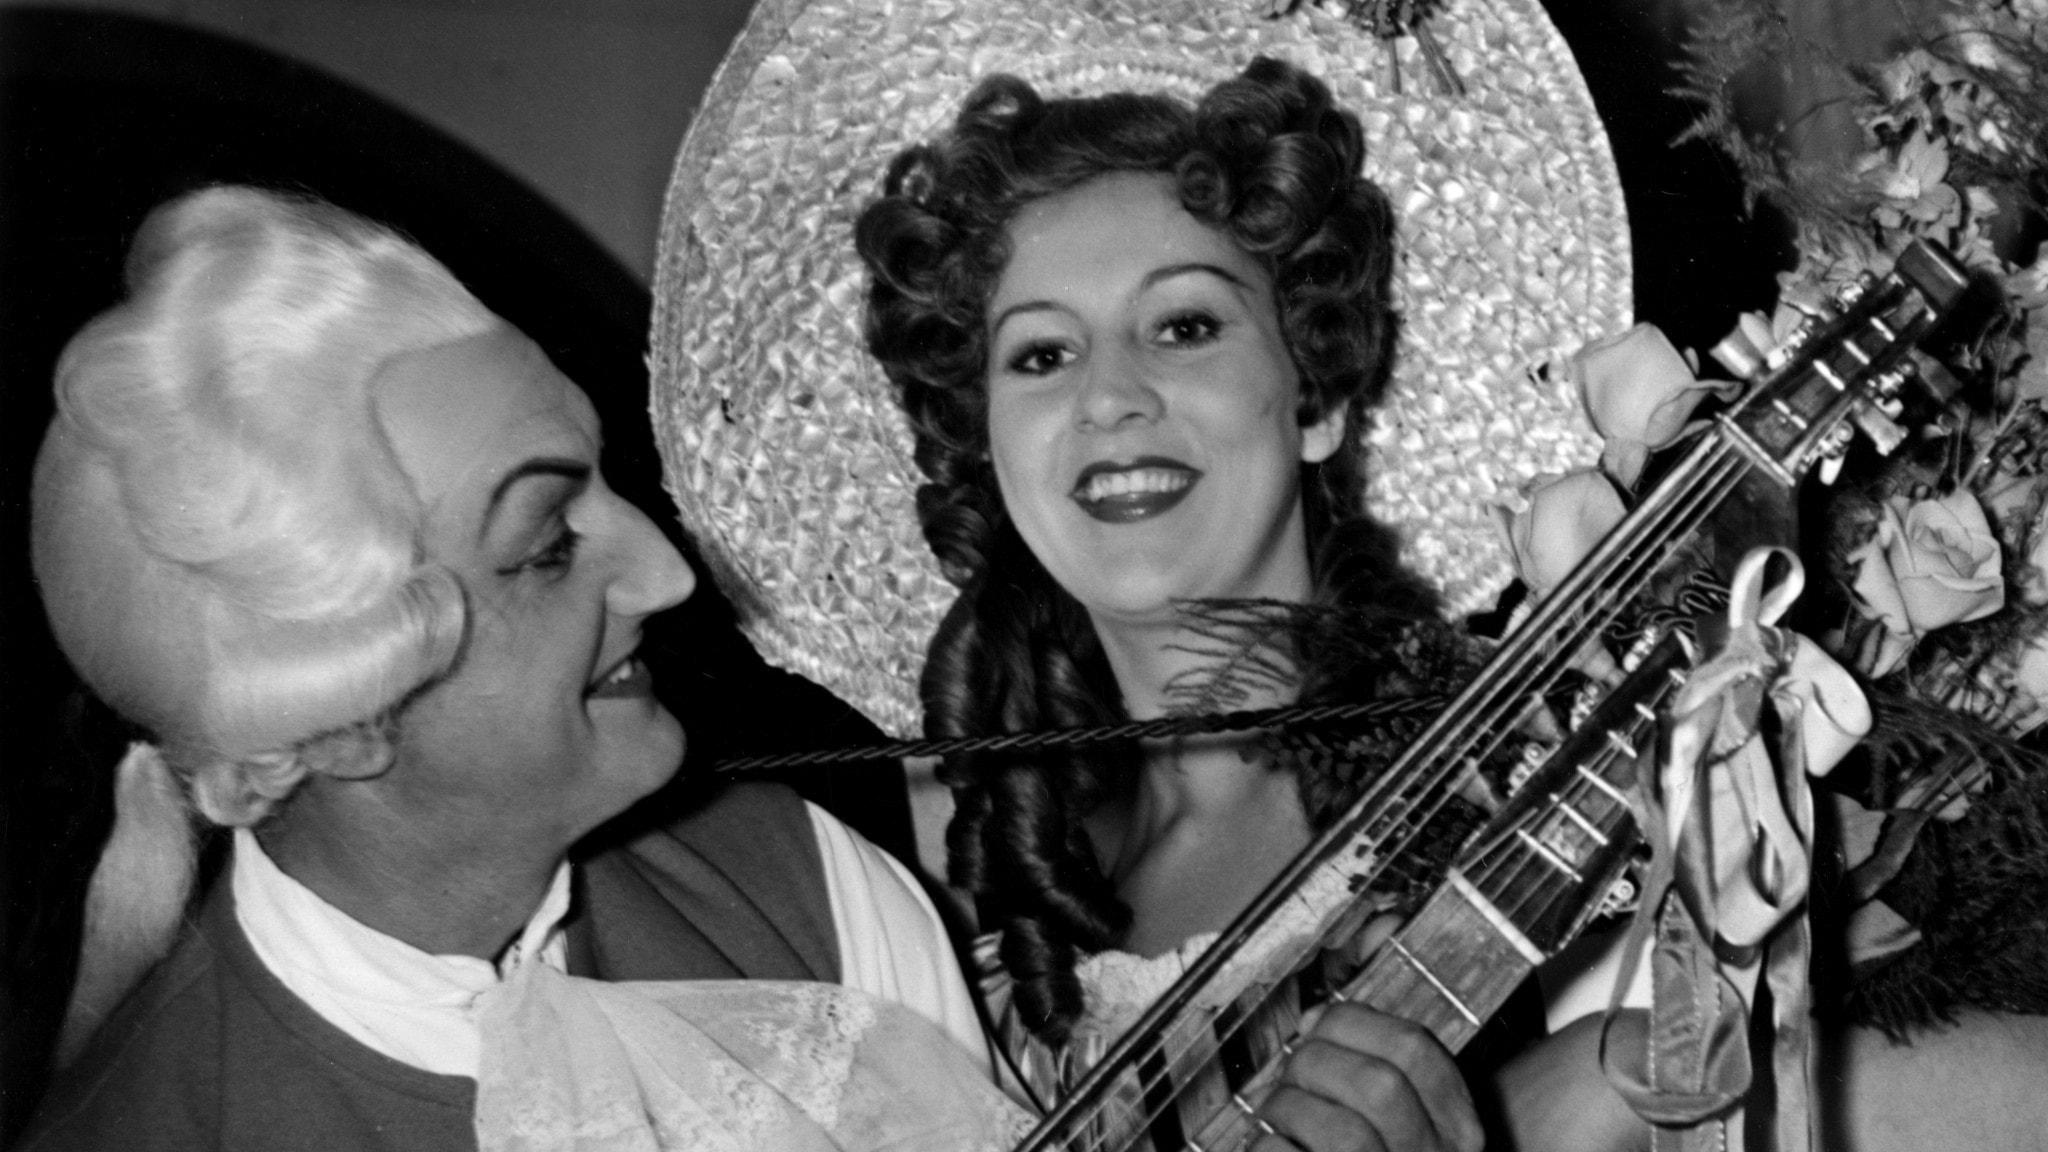 Kjerstin Dellert utklädd till Ulla Winblad 1951 på Tivolis stora scen.